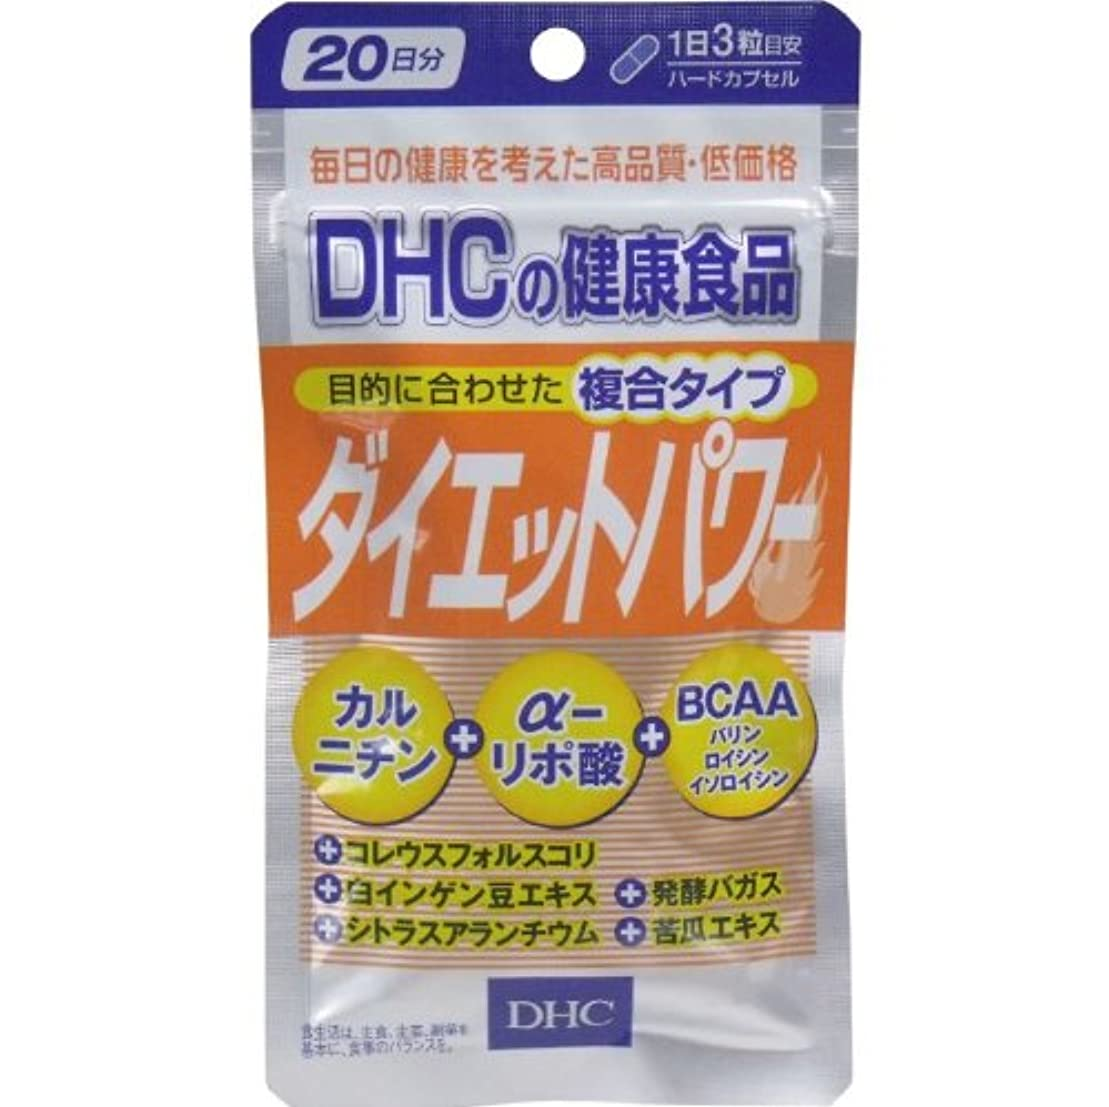 アンビエント分布処方するDHC ダイエットパワー 60粒入 20日分「5点セット」